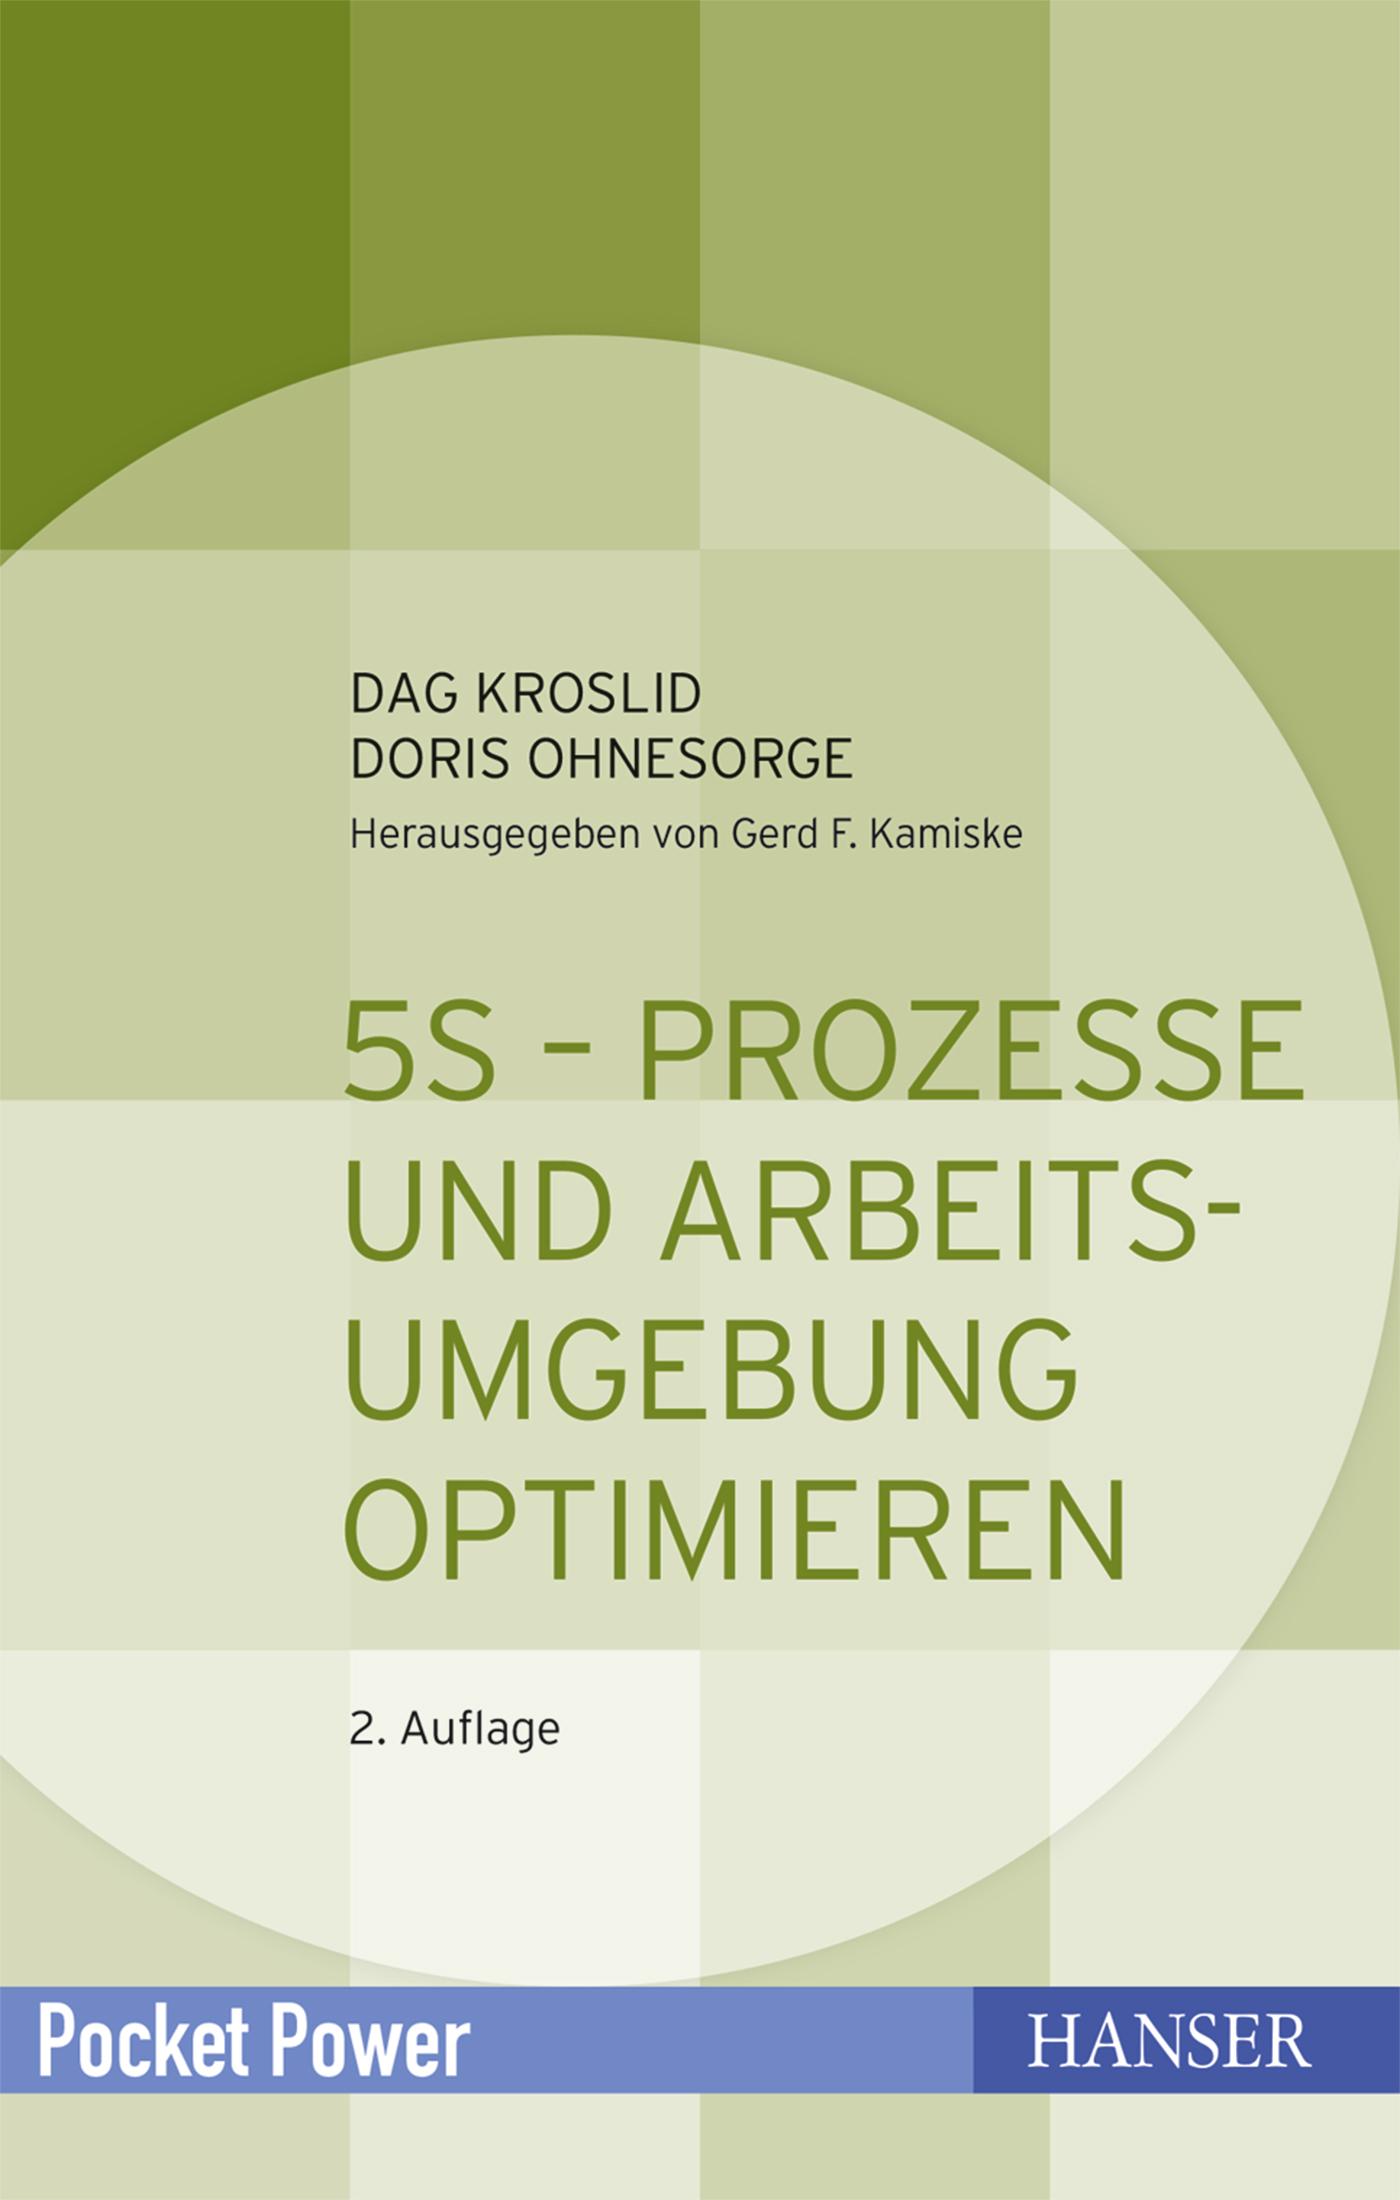 Kroslid, Ohnesorge, 5S - Prozesse und Arbeitsumgebung optimieren, 978-3-446-44048-7